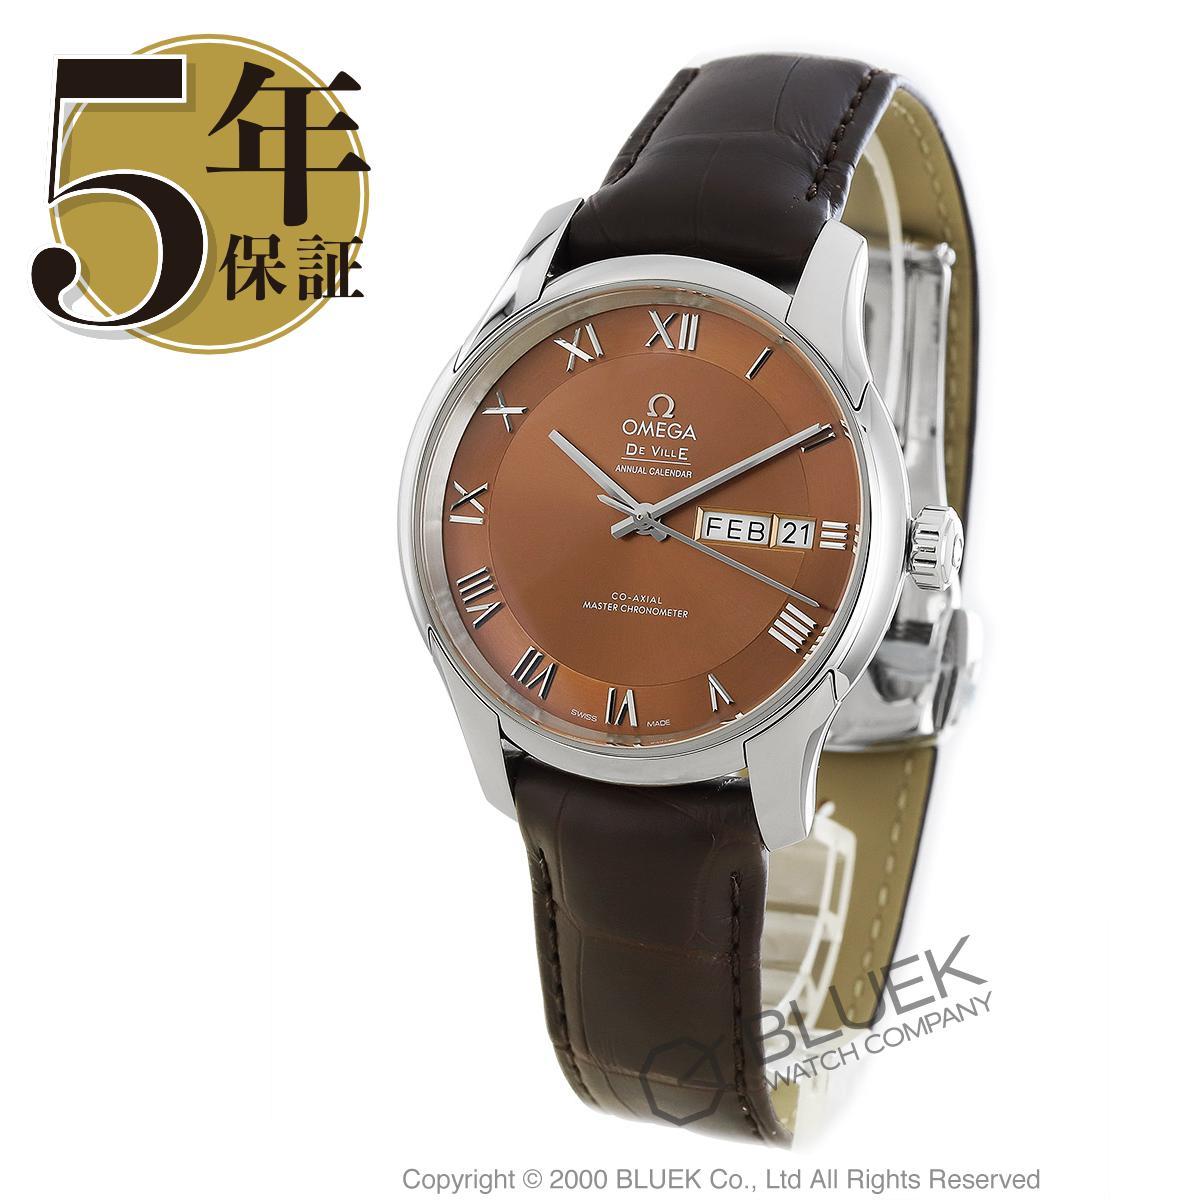 オメガ デビル アワービジョン マスタークロノメーター アニュアルカレンダー アリゲーターレザー 腕時計 メンズ OMEGA 433.13.41.22.10.001_5